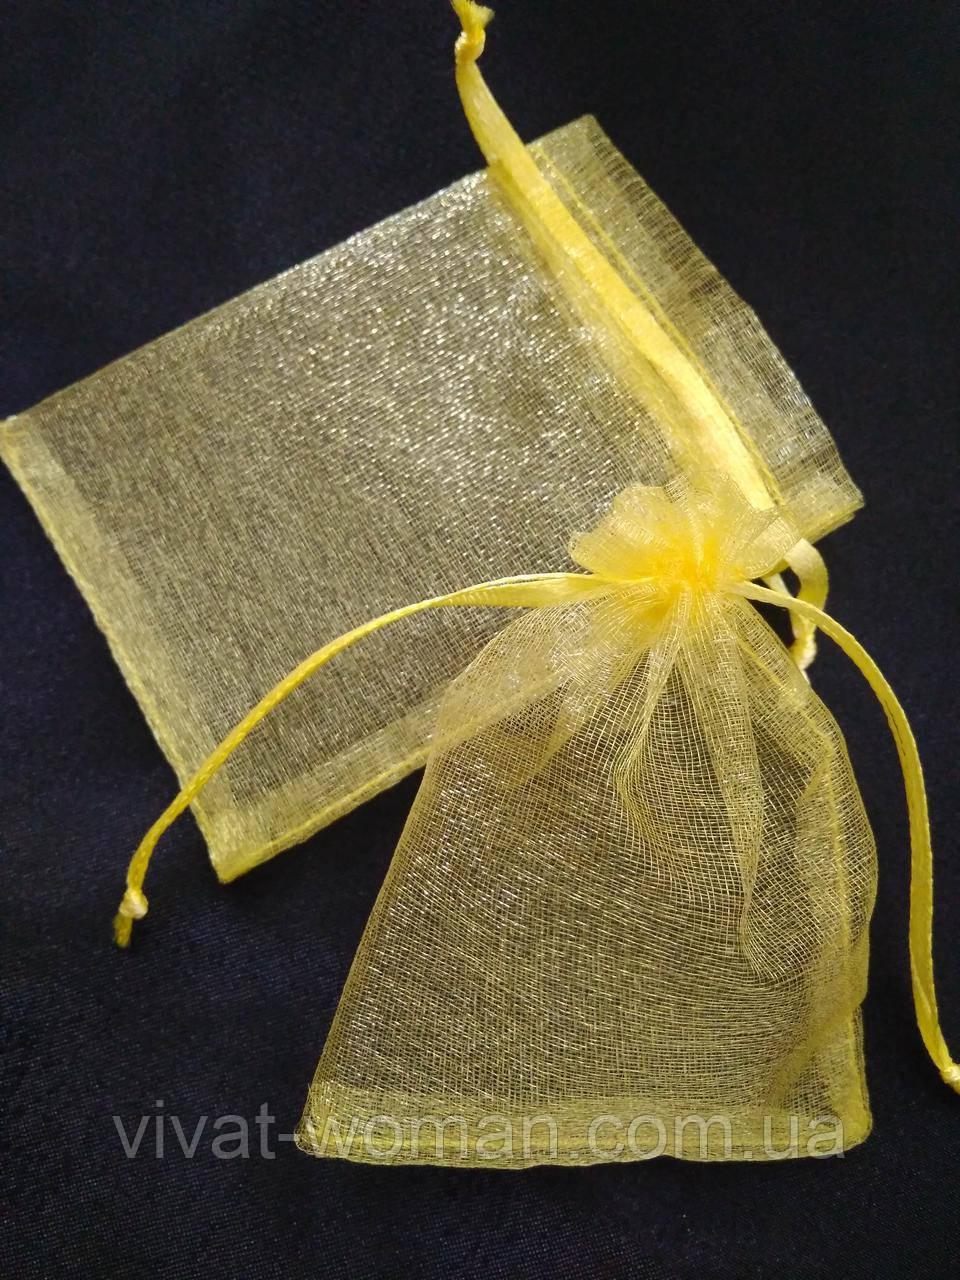 Мішечки органза 7 х 9 см, жовтий / лимон, 100 шт в уп. Пр-під Україна. Ціна за 1 шт